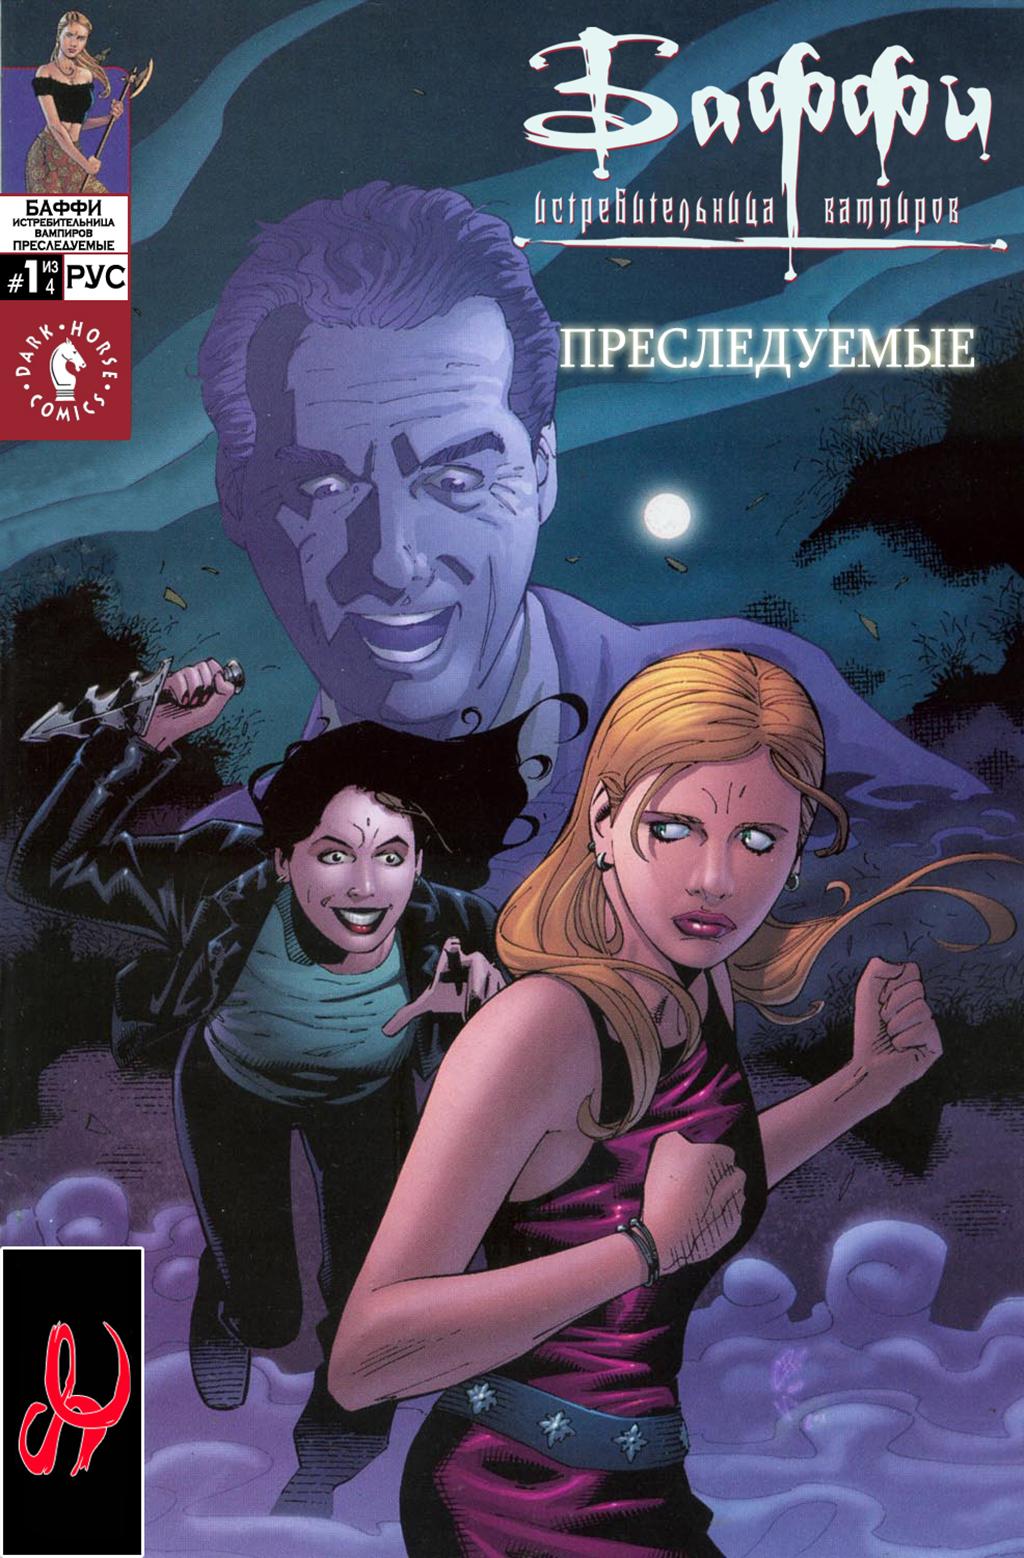 Комикс Баффи Истребительница Вампиров - Преследуемые